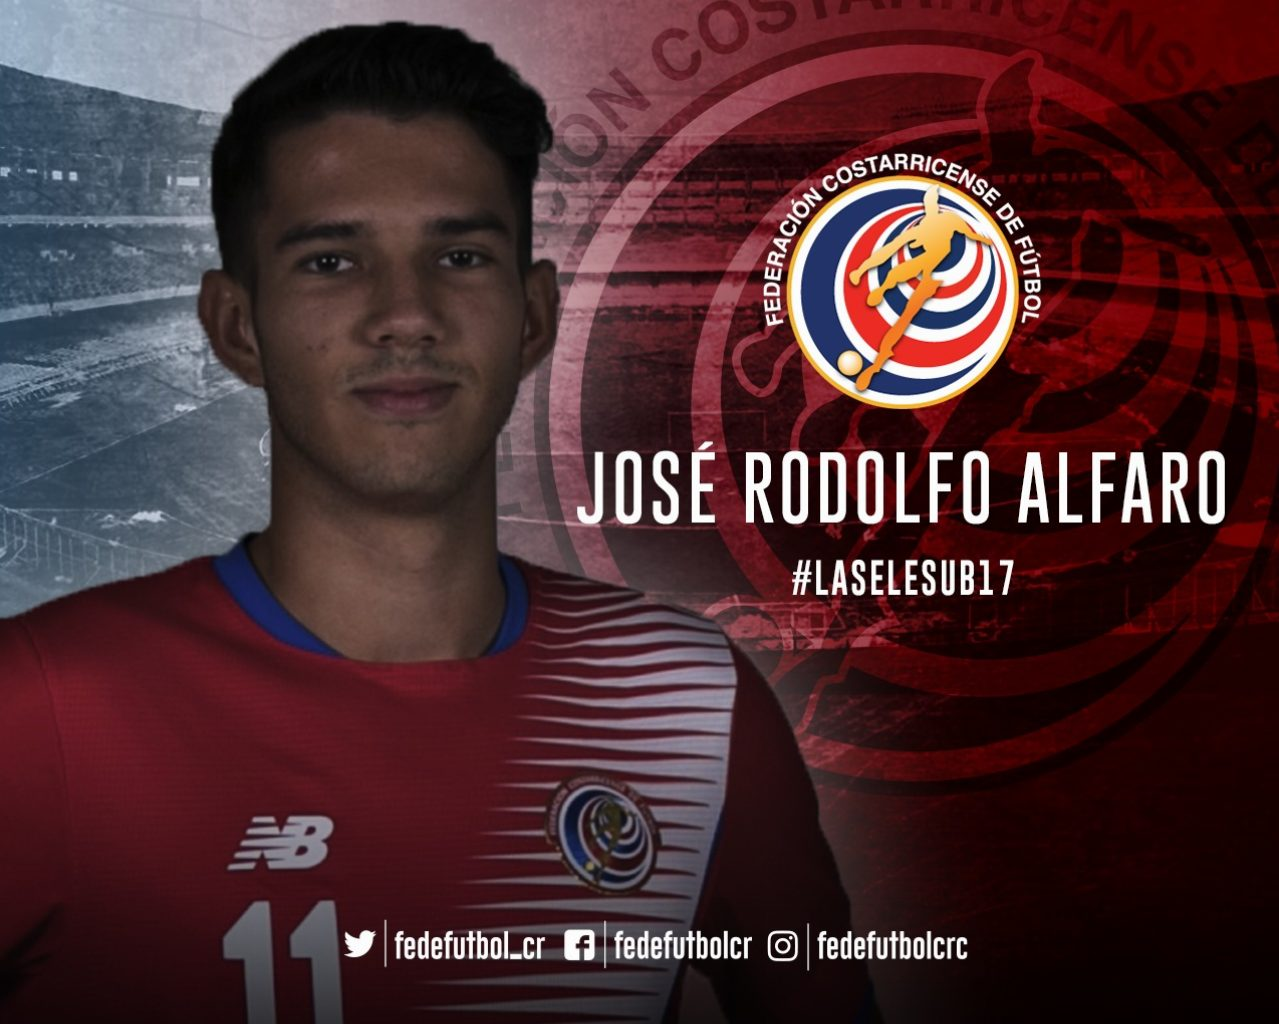 ¿Quién es José Rodolfo Alfaro?